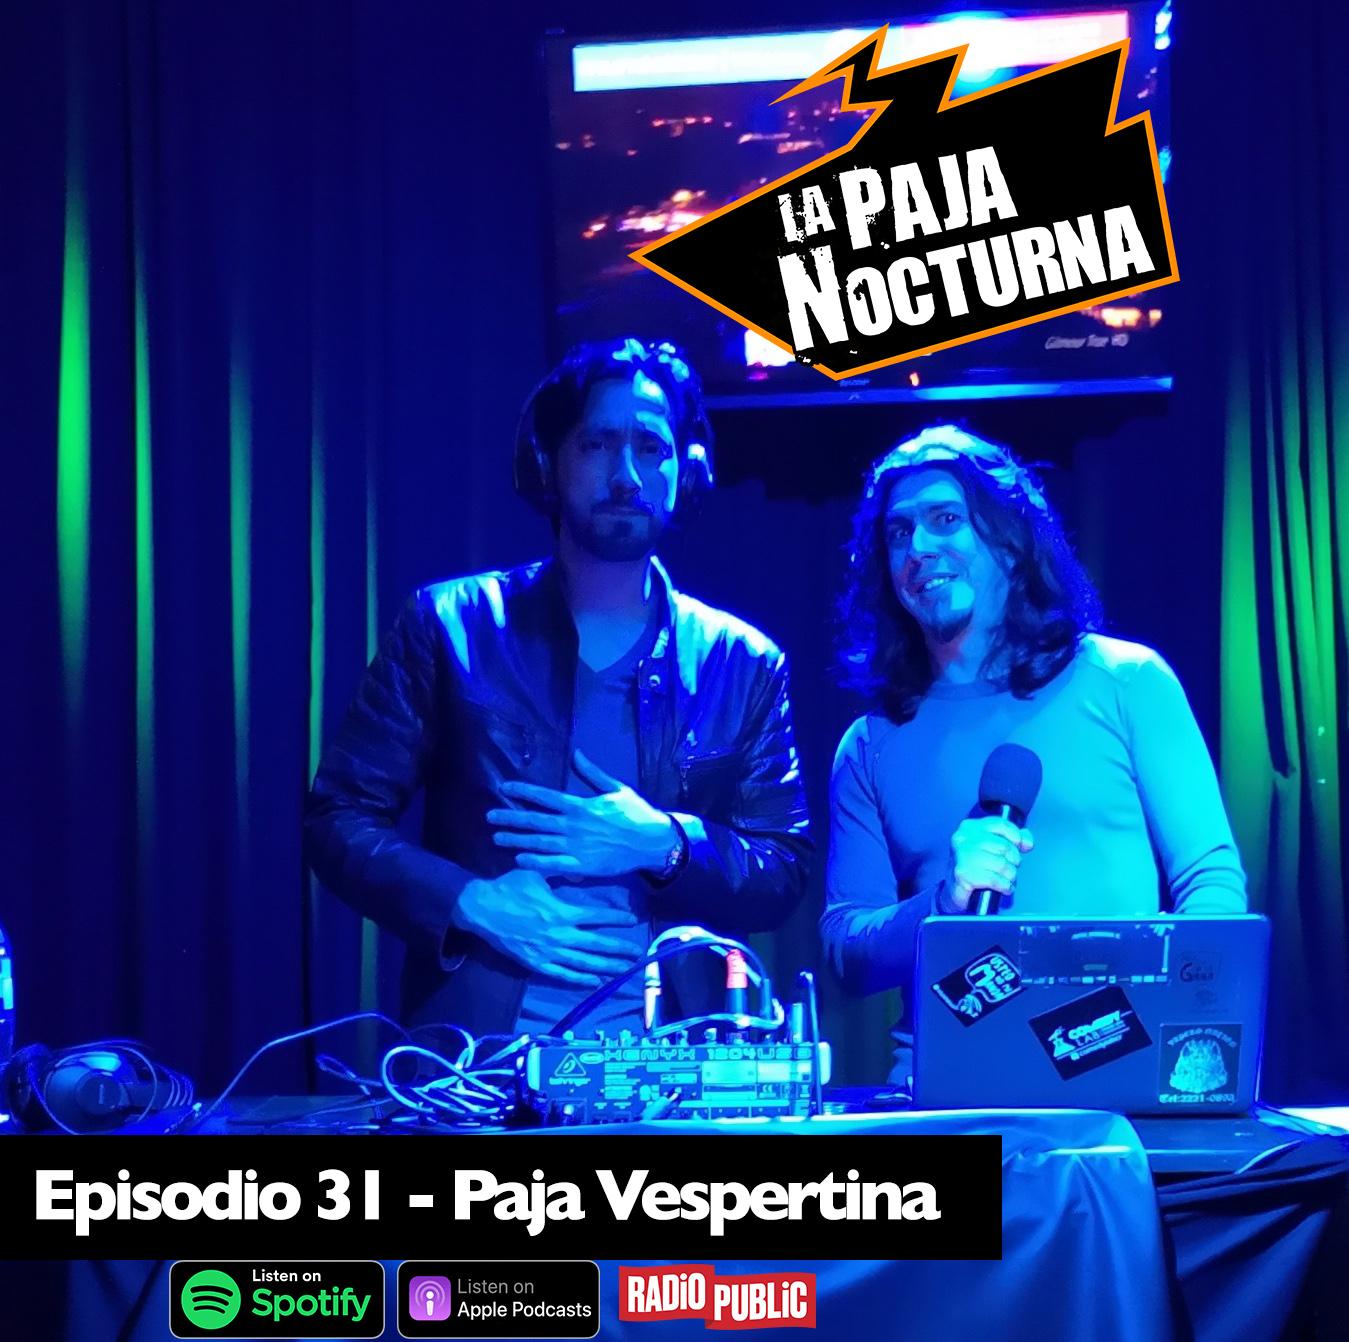 La Paja Nocturna Podcast Episodio 31